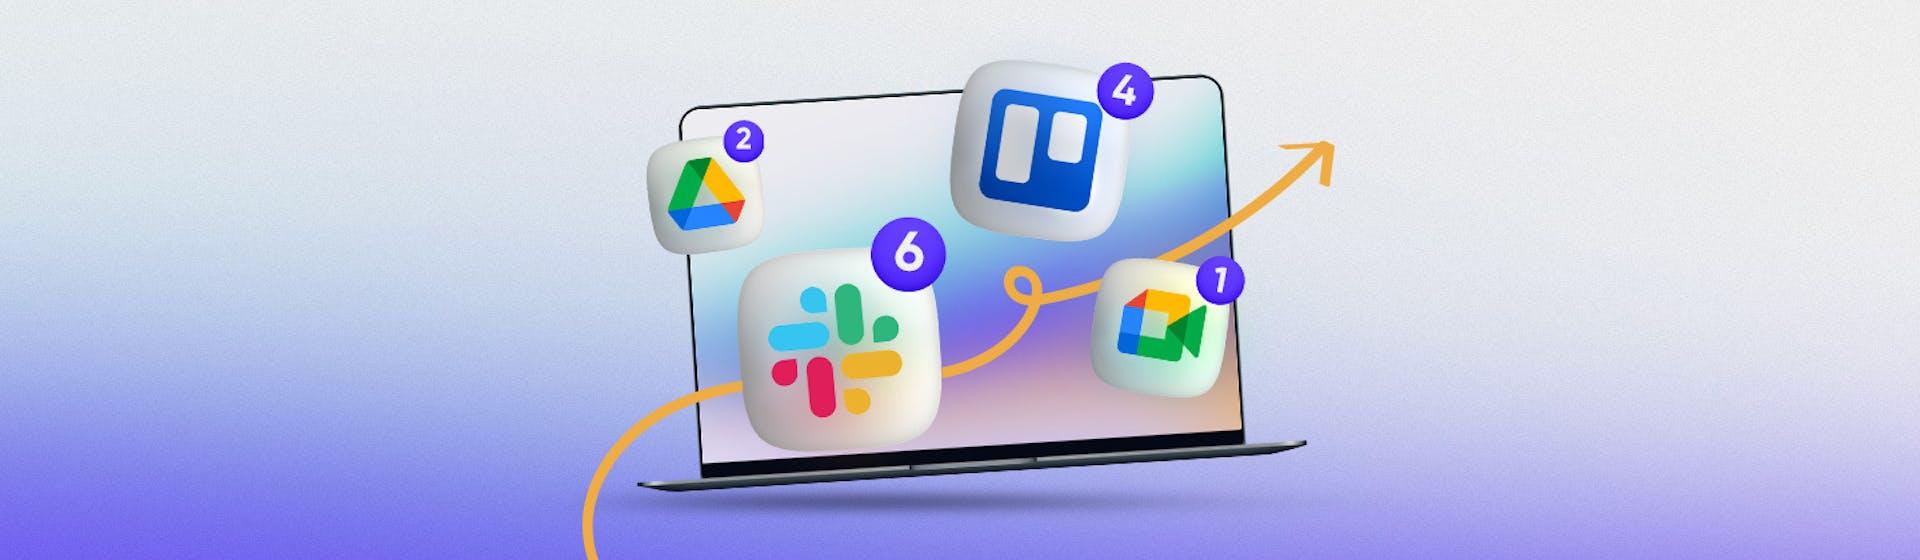 +9 Herramientas digitales para mejorar la productividad en el trabajo remoto